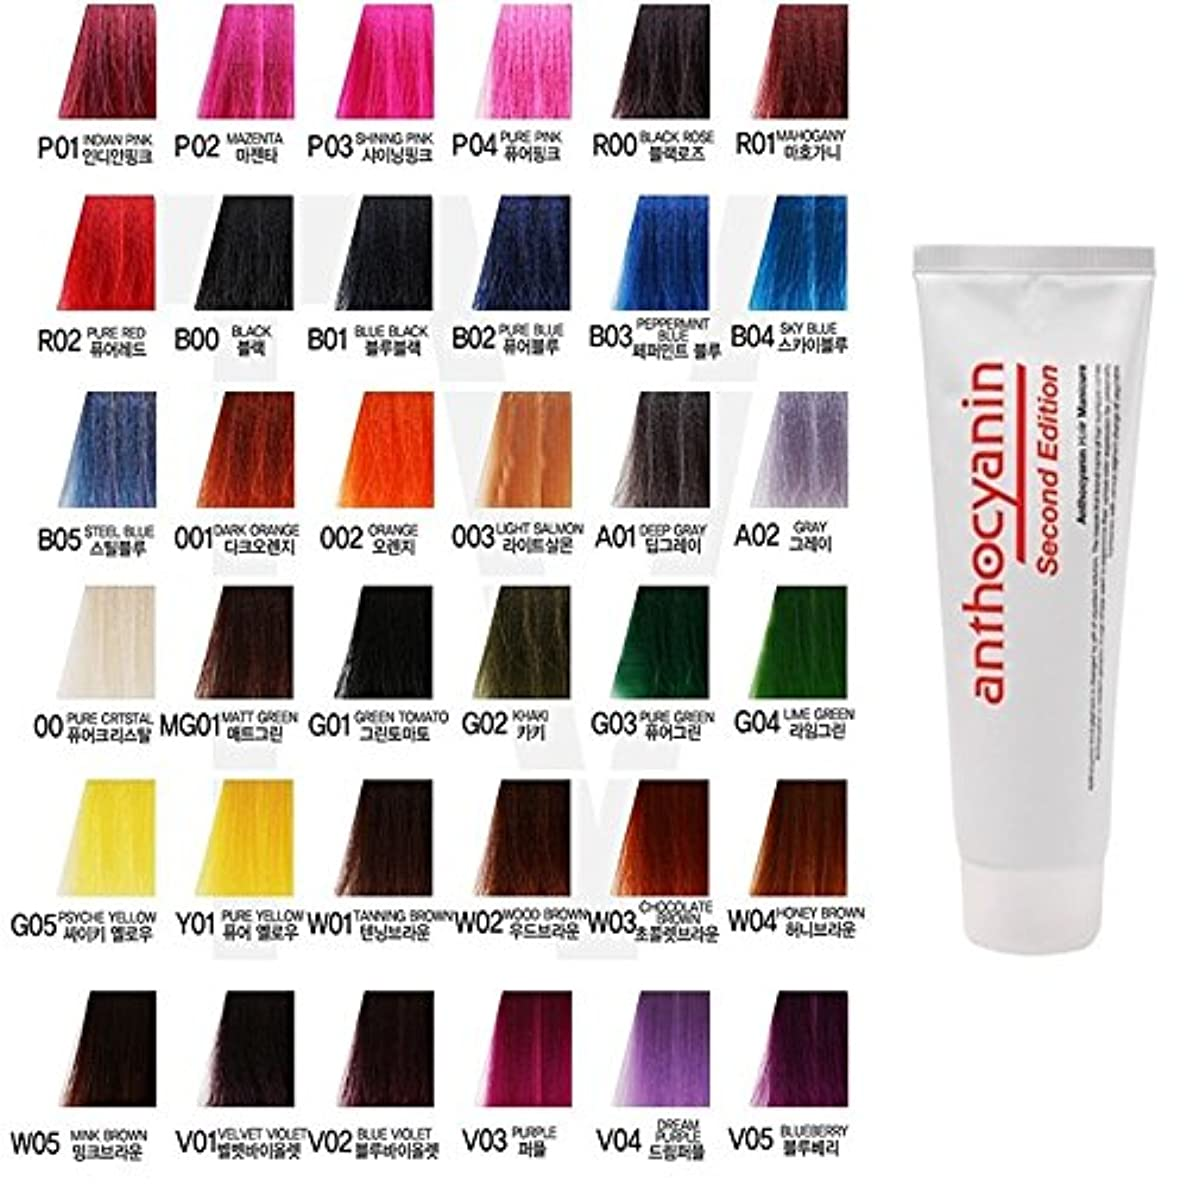 布お母さんビンヘア マニキュア カラー セカンド エディション 230g セミ パーマネント 染毛剤 ( Hair Manicure Color Second Edition 230g Semi Permanent Hair Dye) [並行輸入品] (O12 Coral Orange)